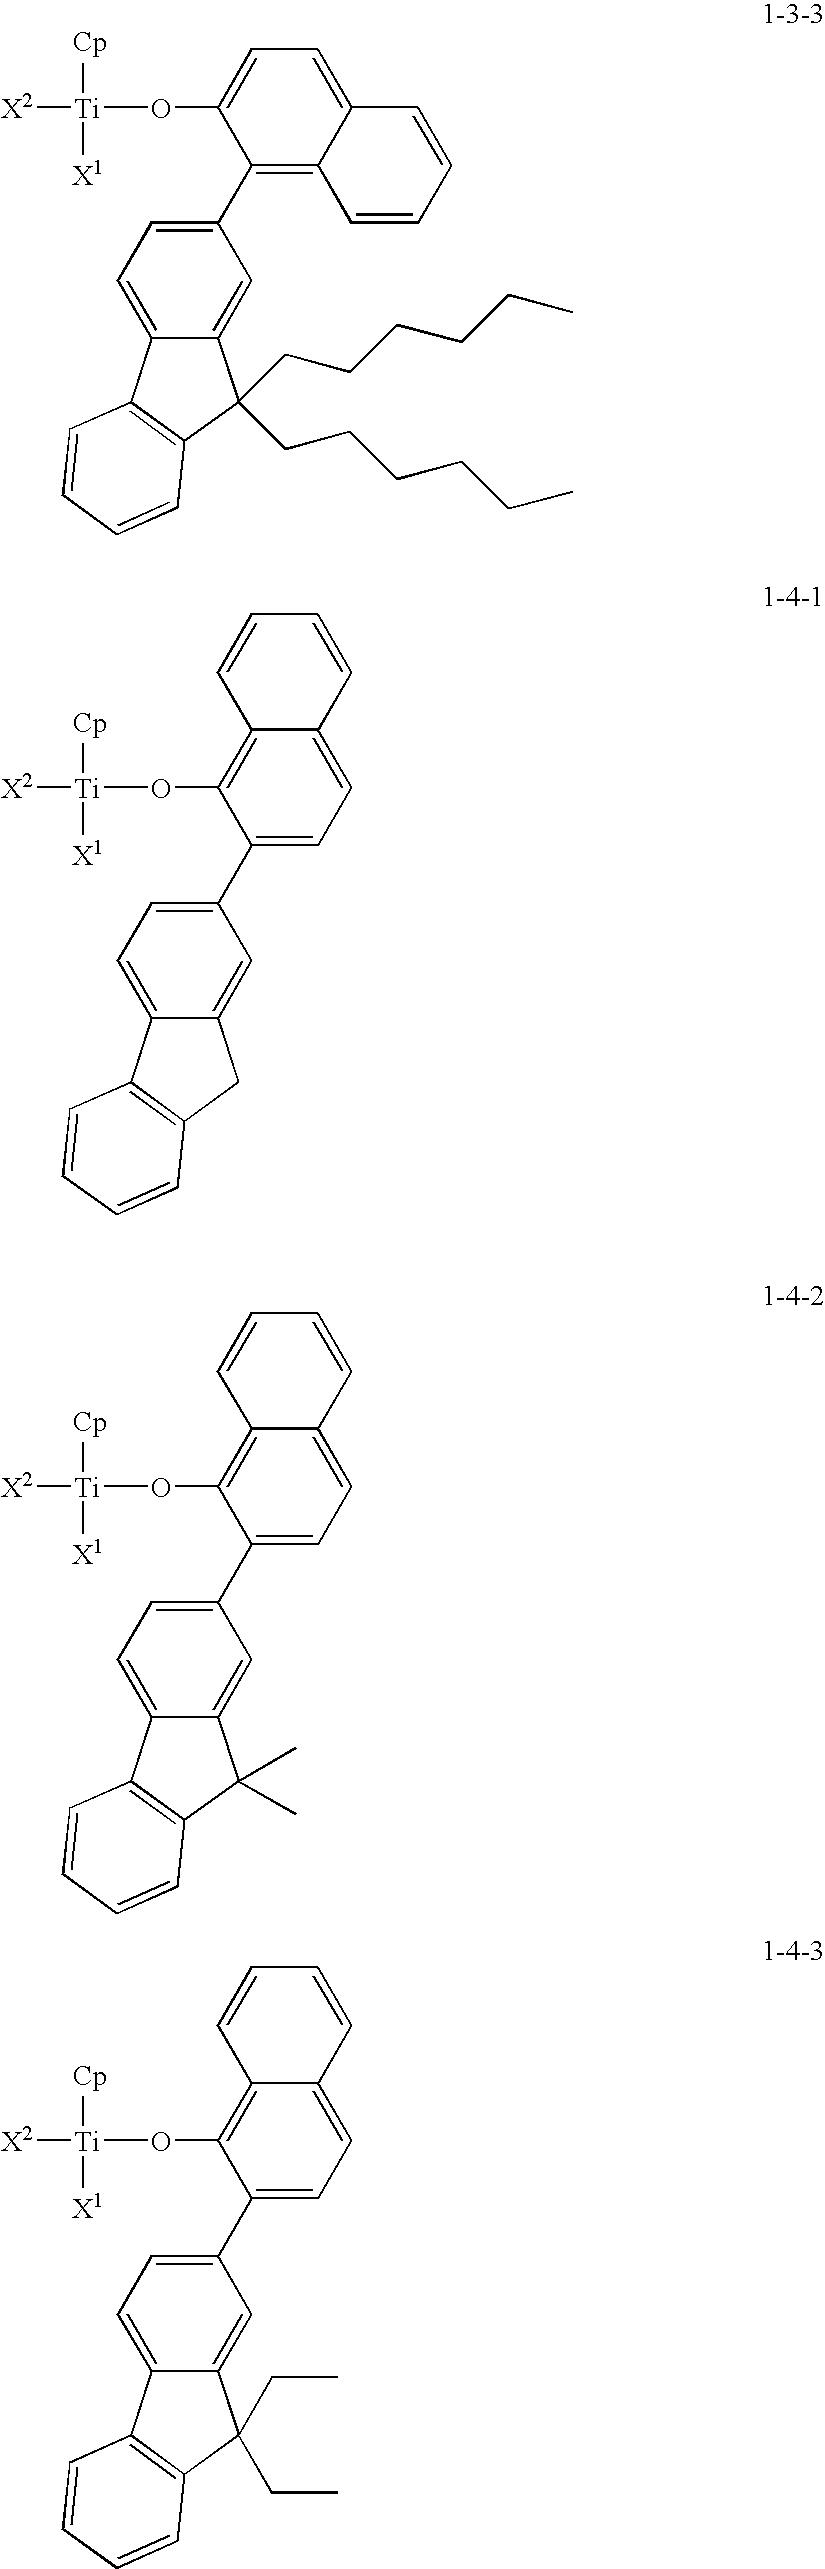 Figure US20100081776A1-20100401-C00085